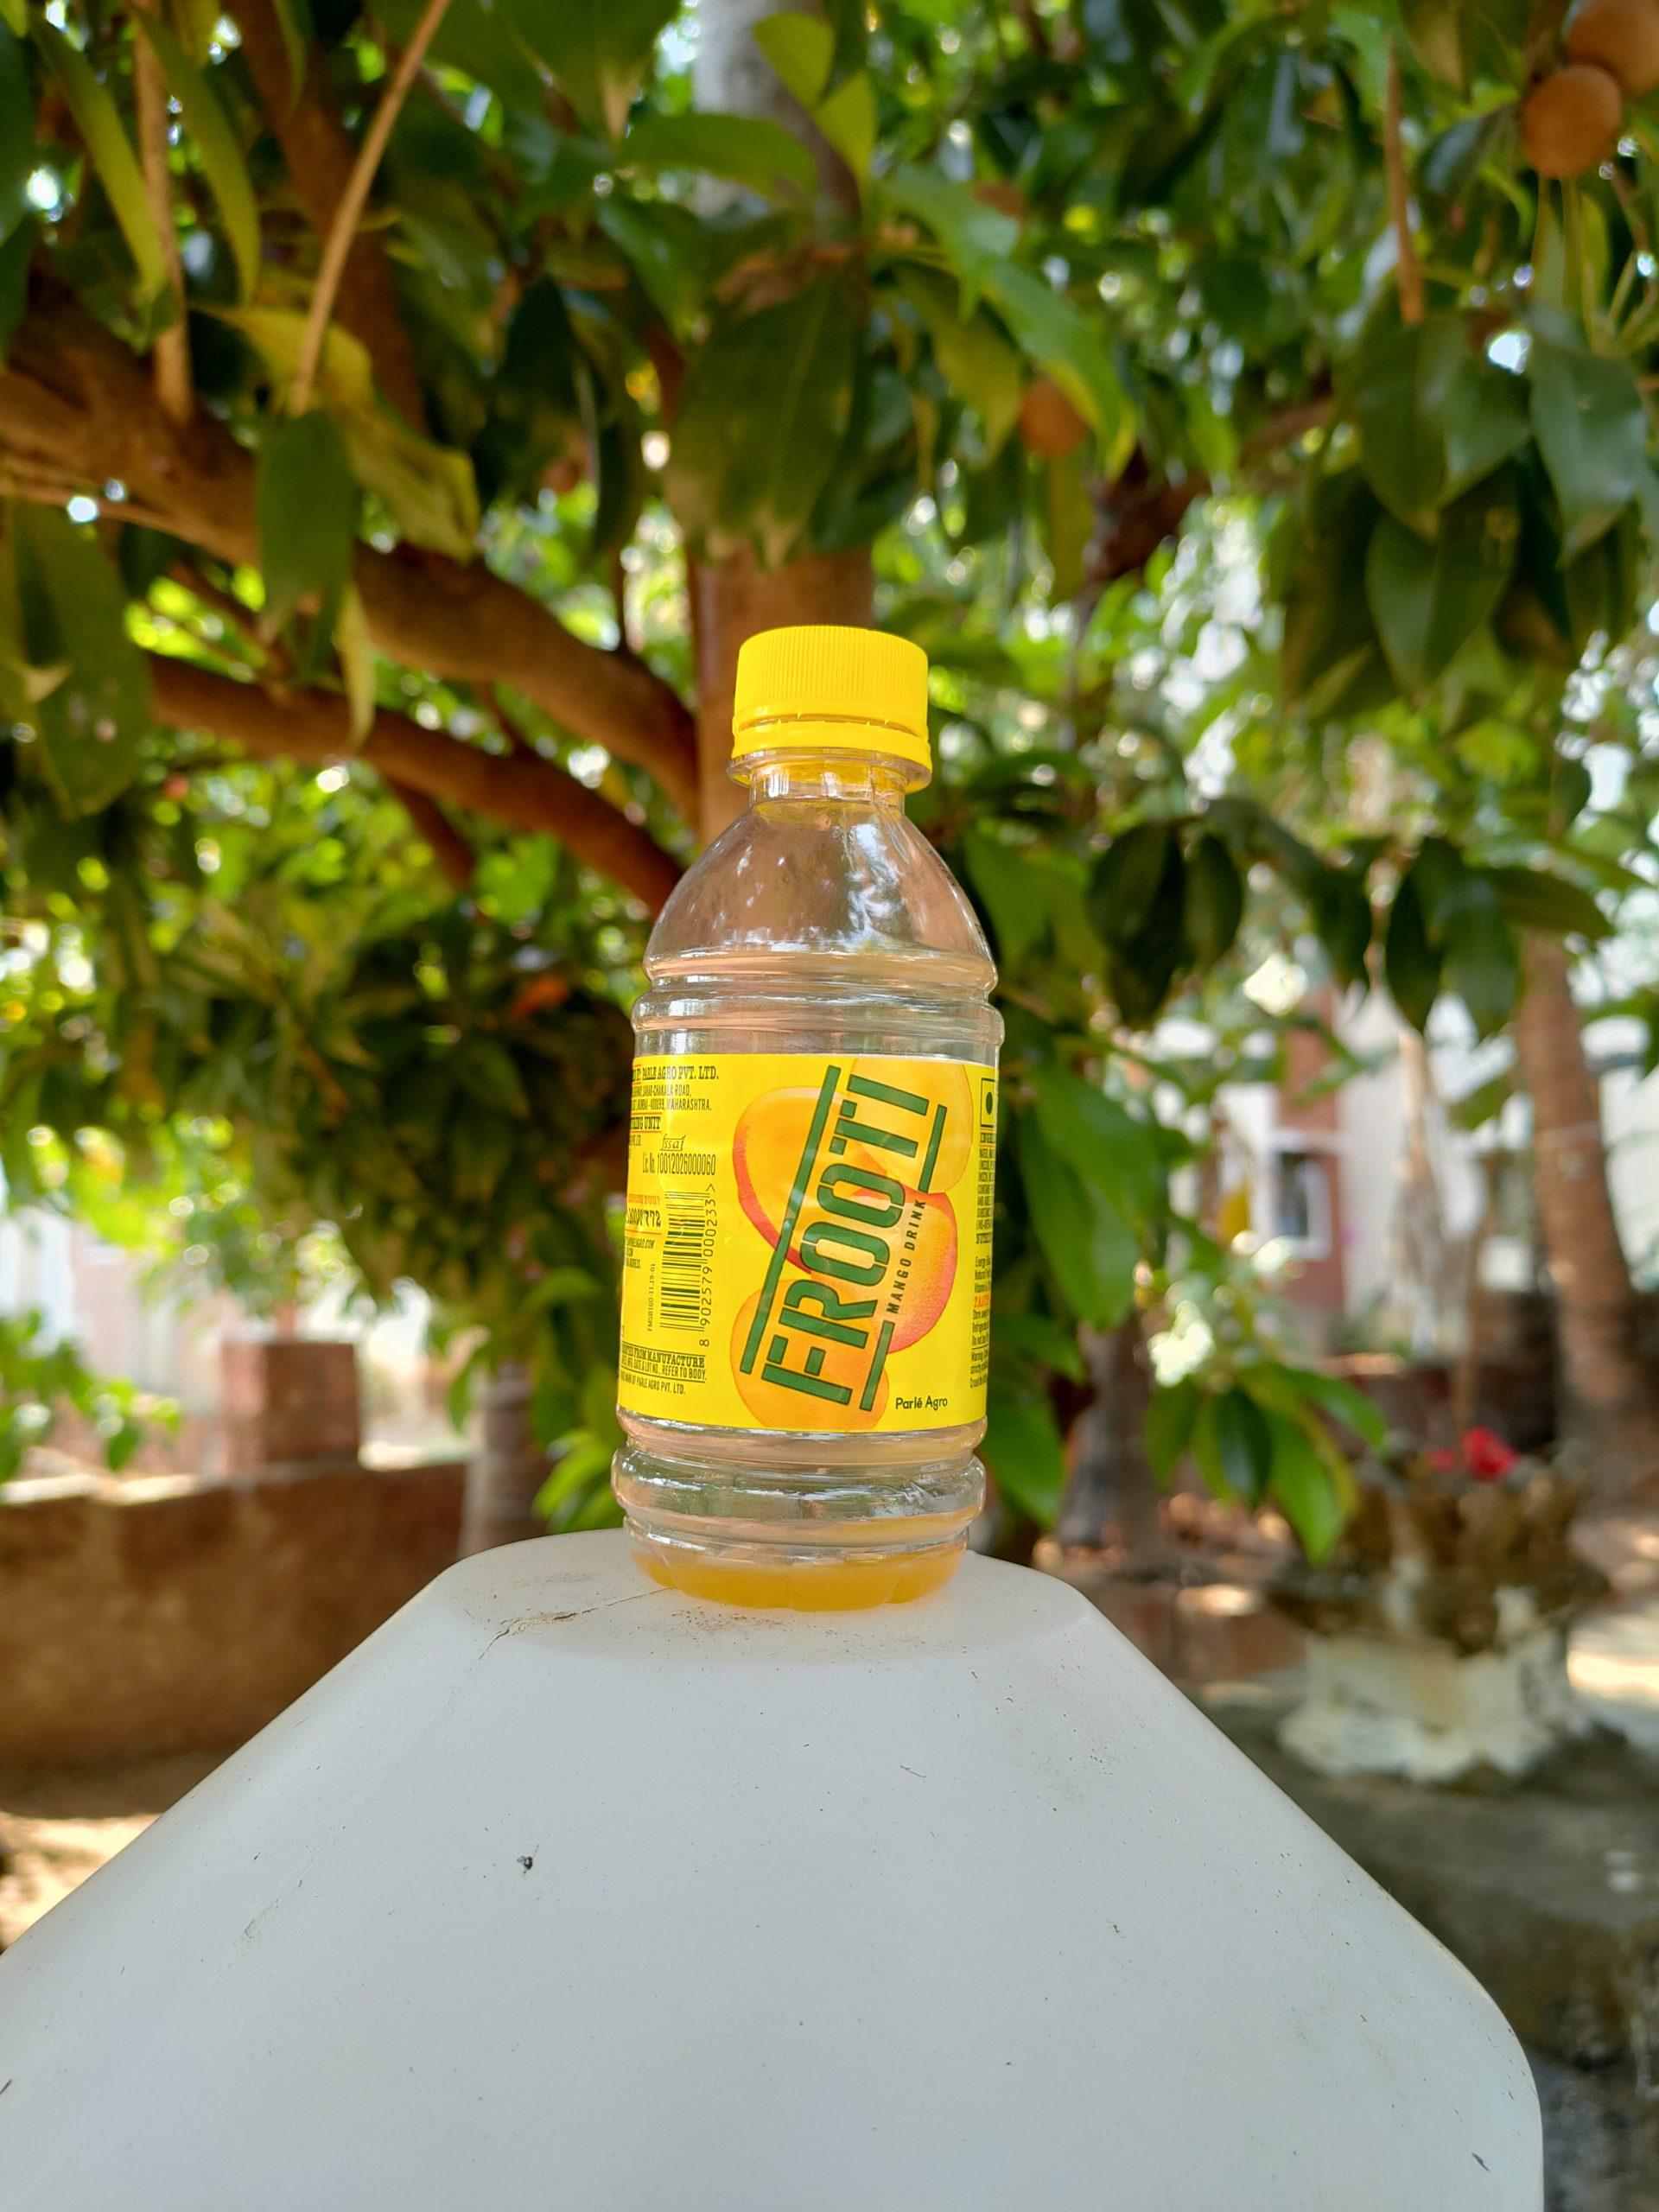 An empty fruit bottle